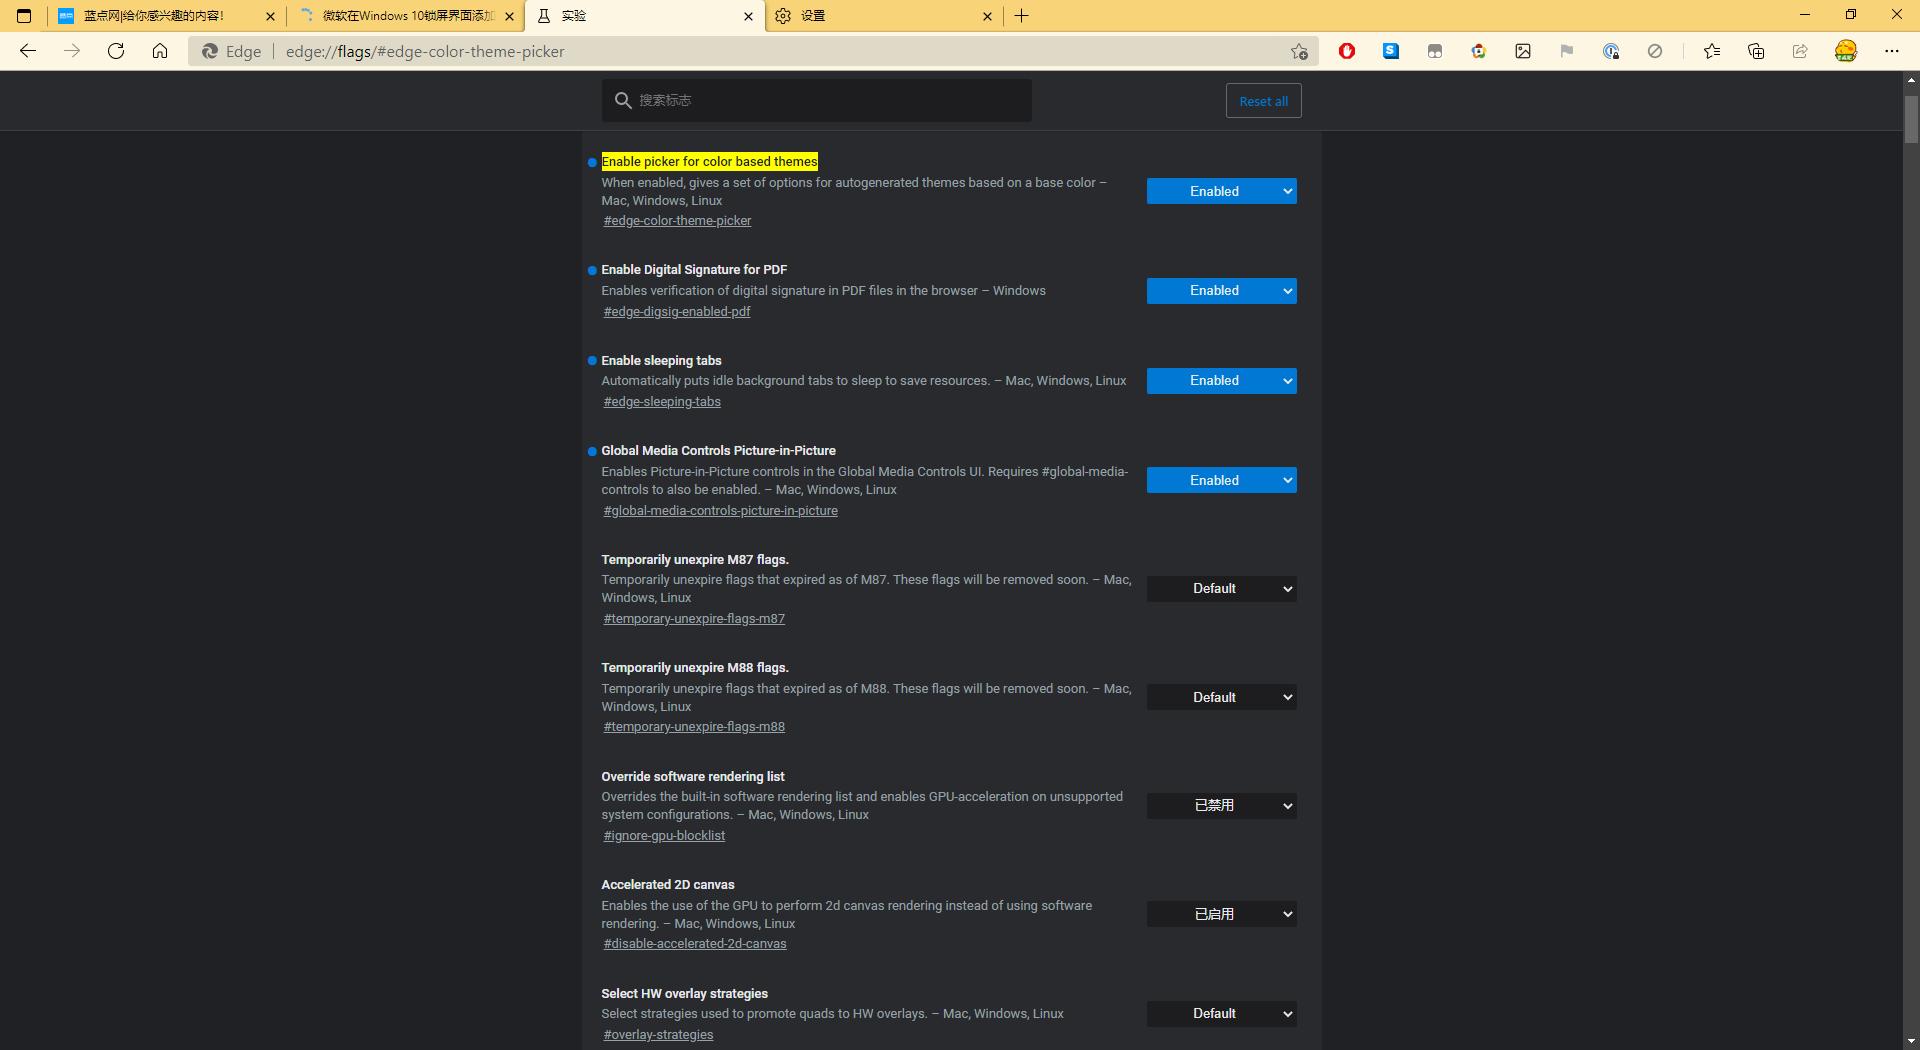 微软为Microsoft Edge浏览器带来新主题配置 可自定义选择不同颜色